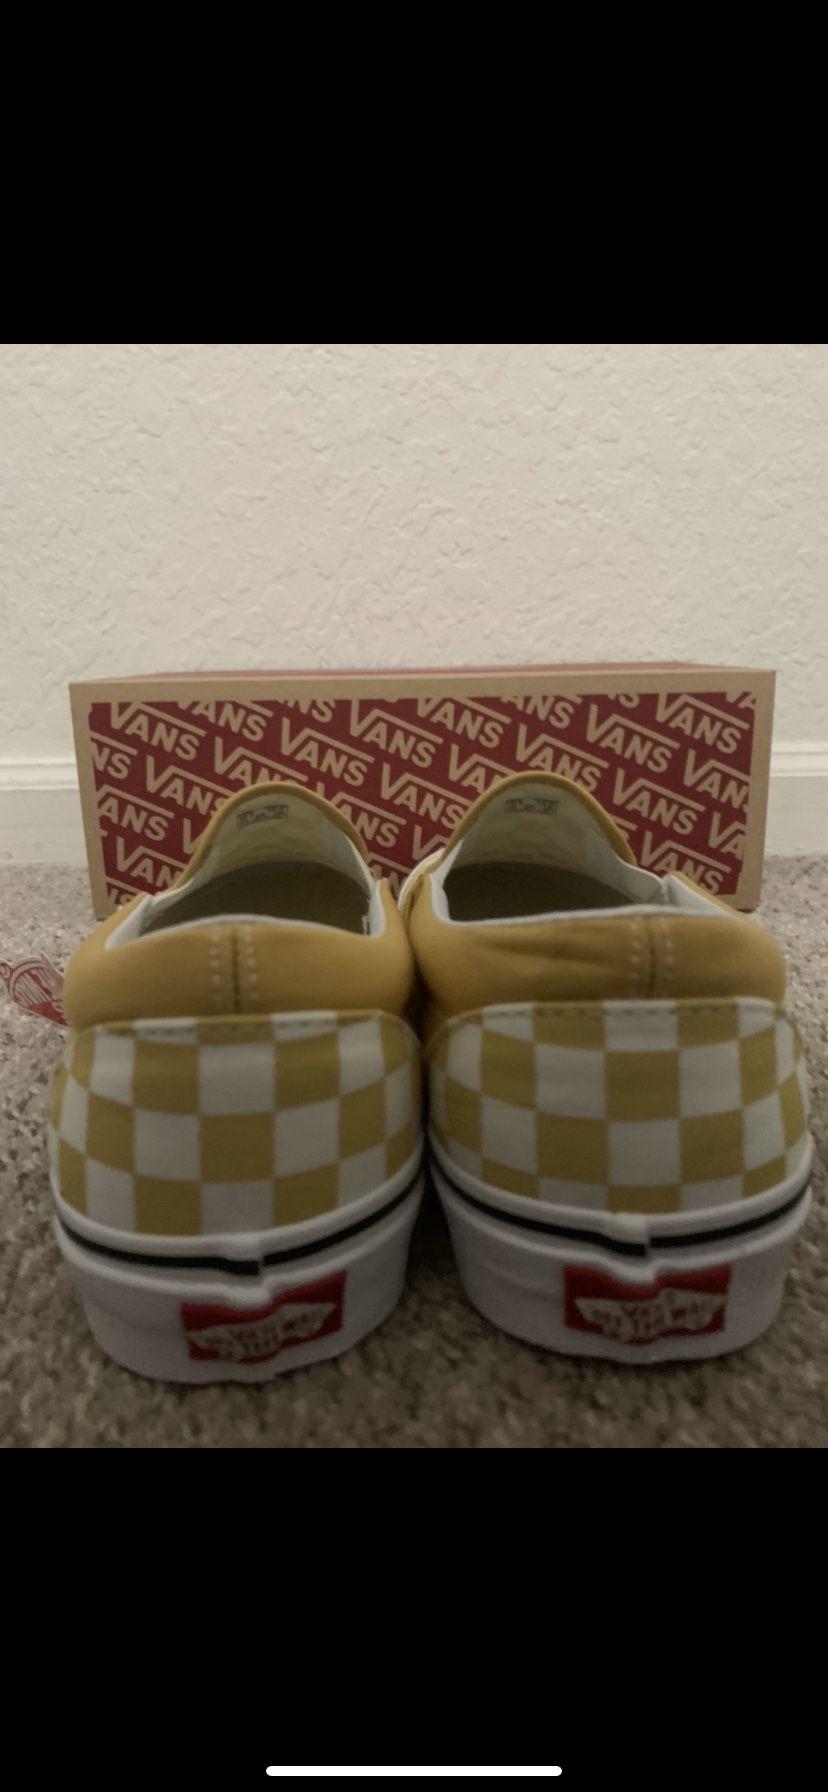 Brand New Vans Shoes Size 10.5 Men